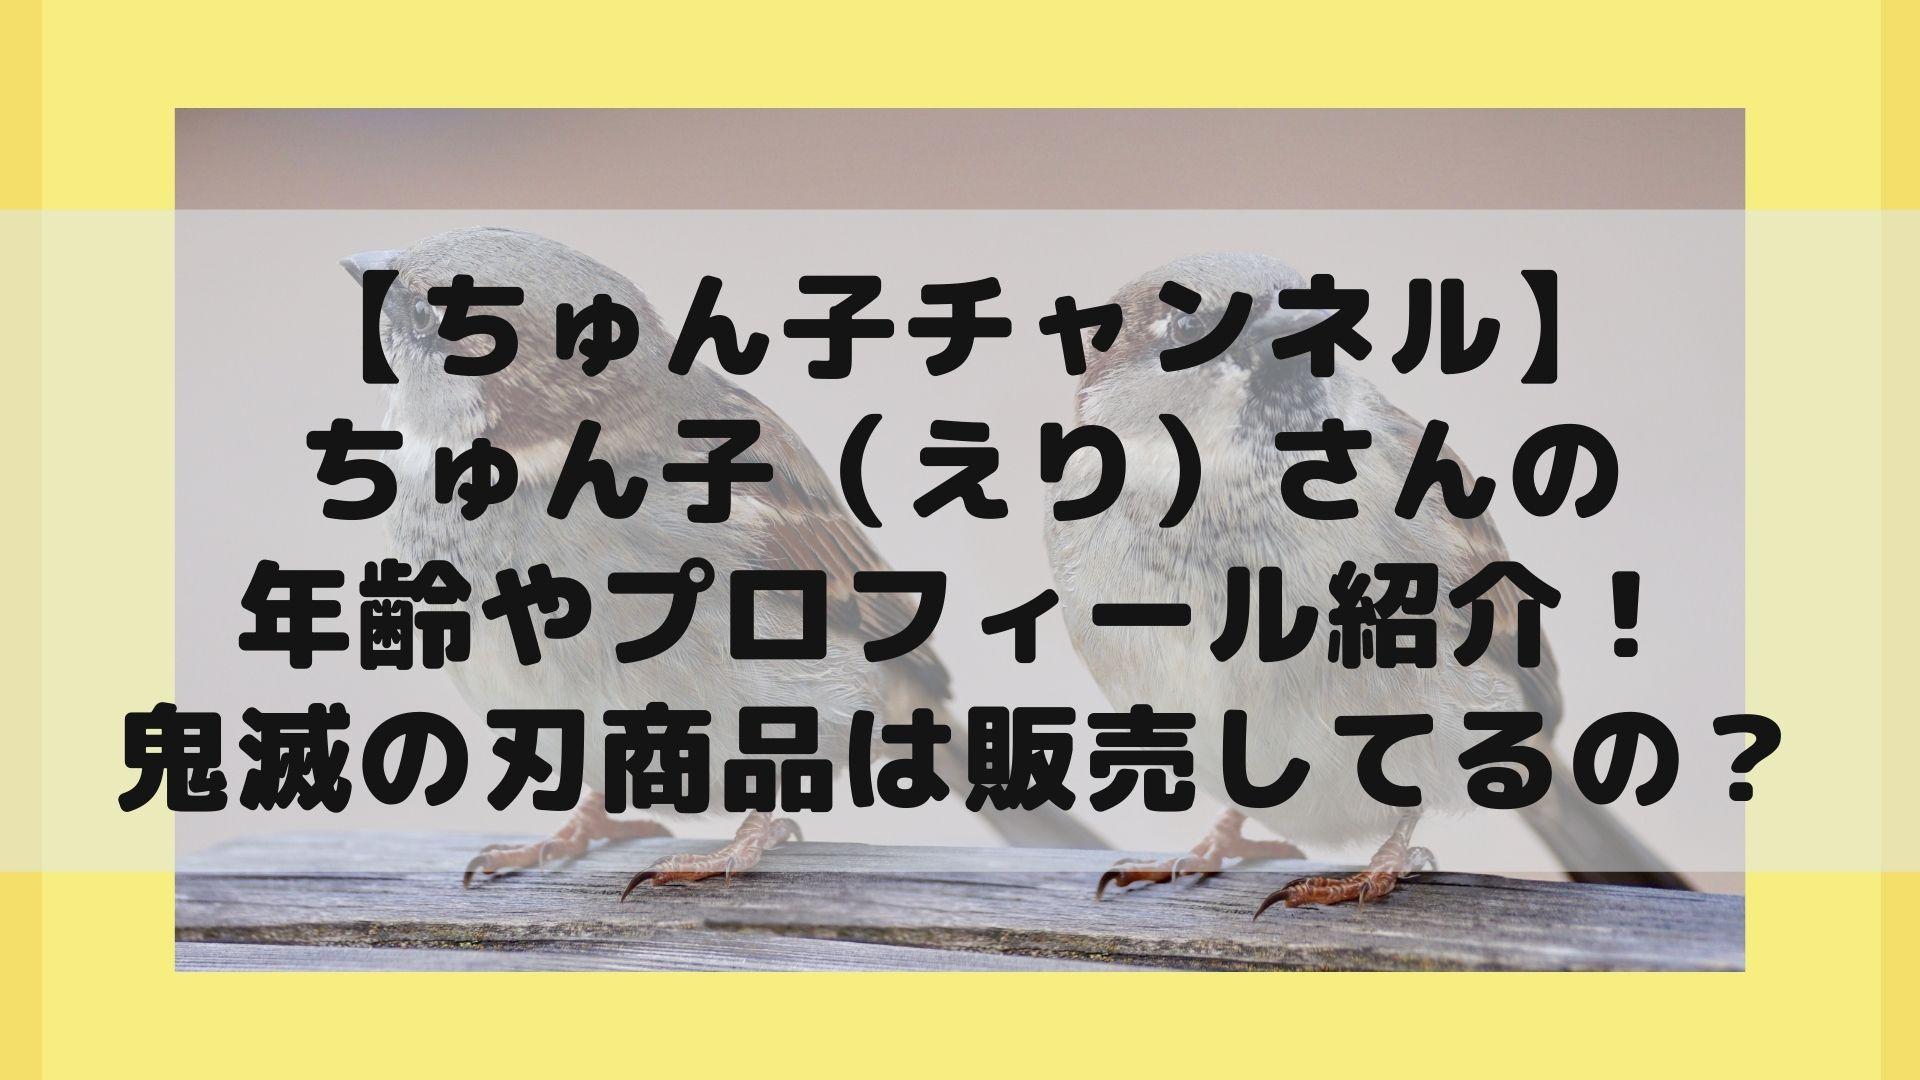 【ちゅん子チャンネル】ちゅん子(えり)の年齢やプロフィール紹介!鬼滅の刃商品は販売してるの?タイトル画像